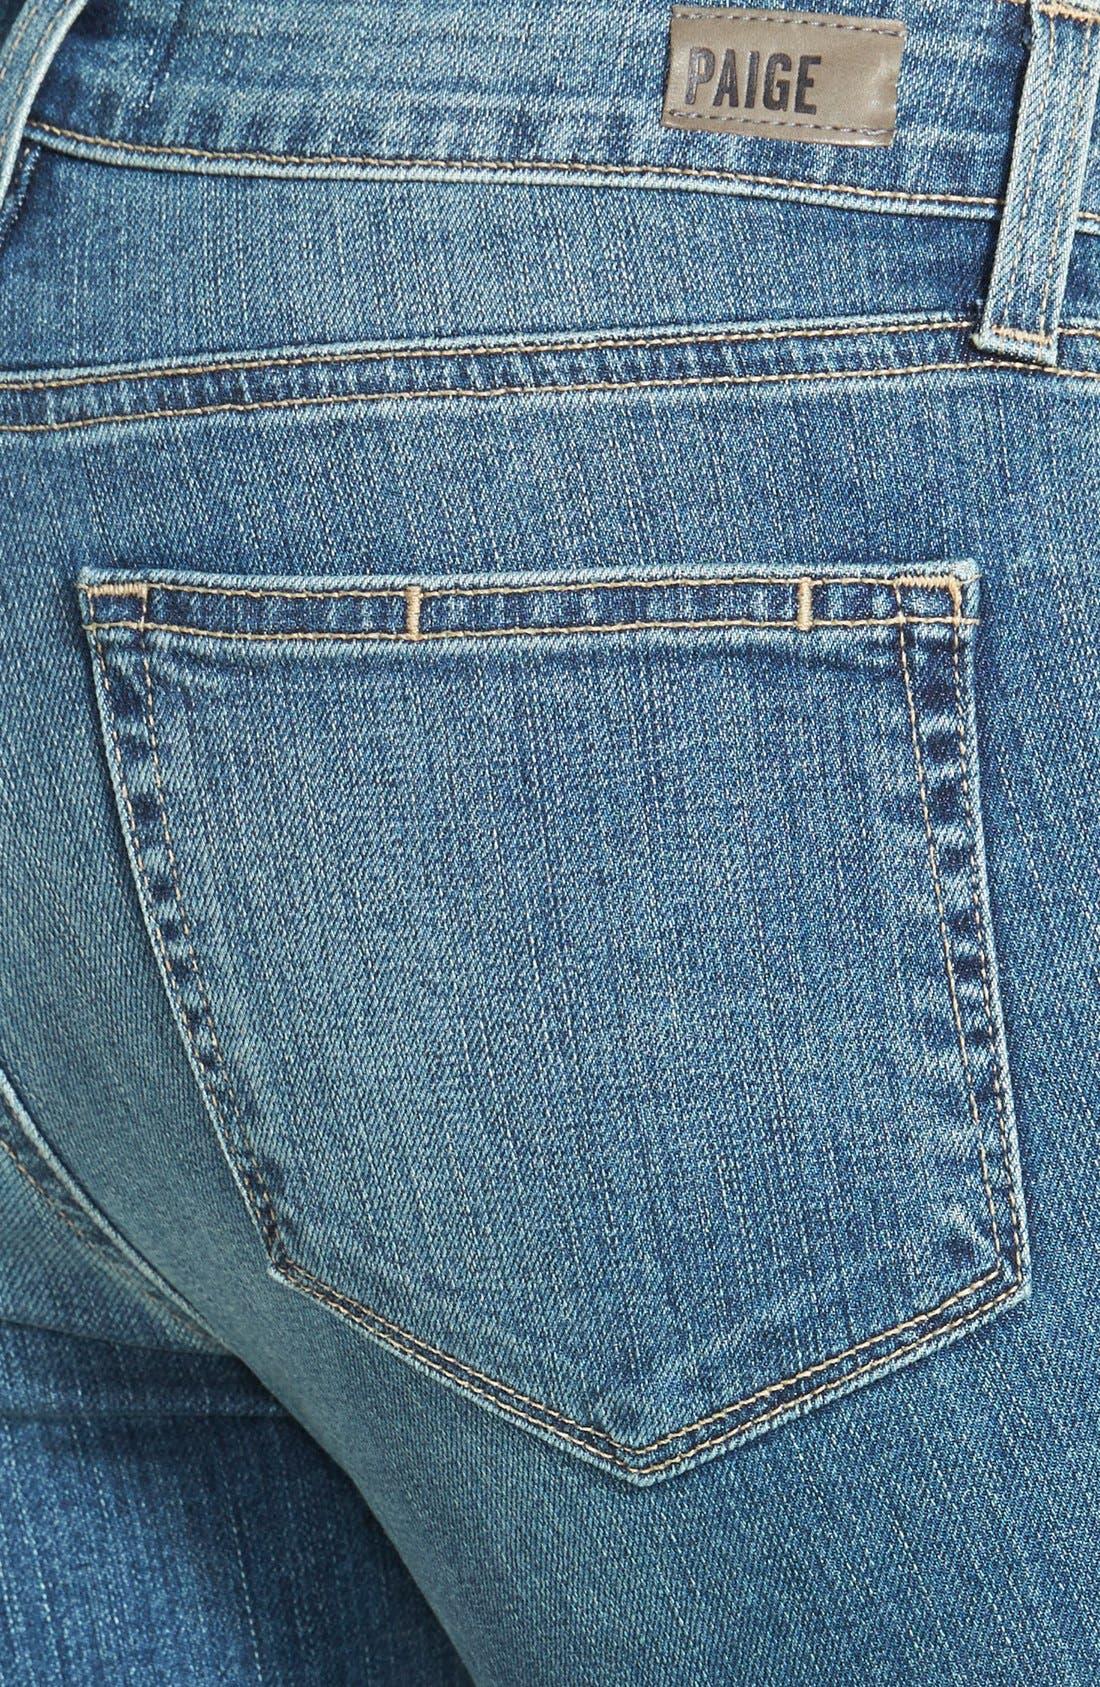 Alternate Image 3  - Paige Denim 'Verdugo' Ultra Skinny Jeans (Dazeley Destructed)